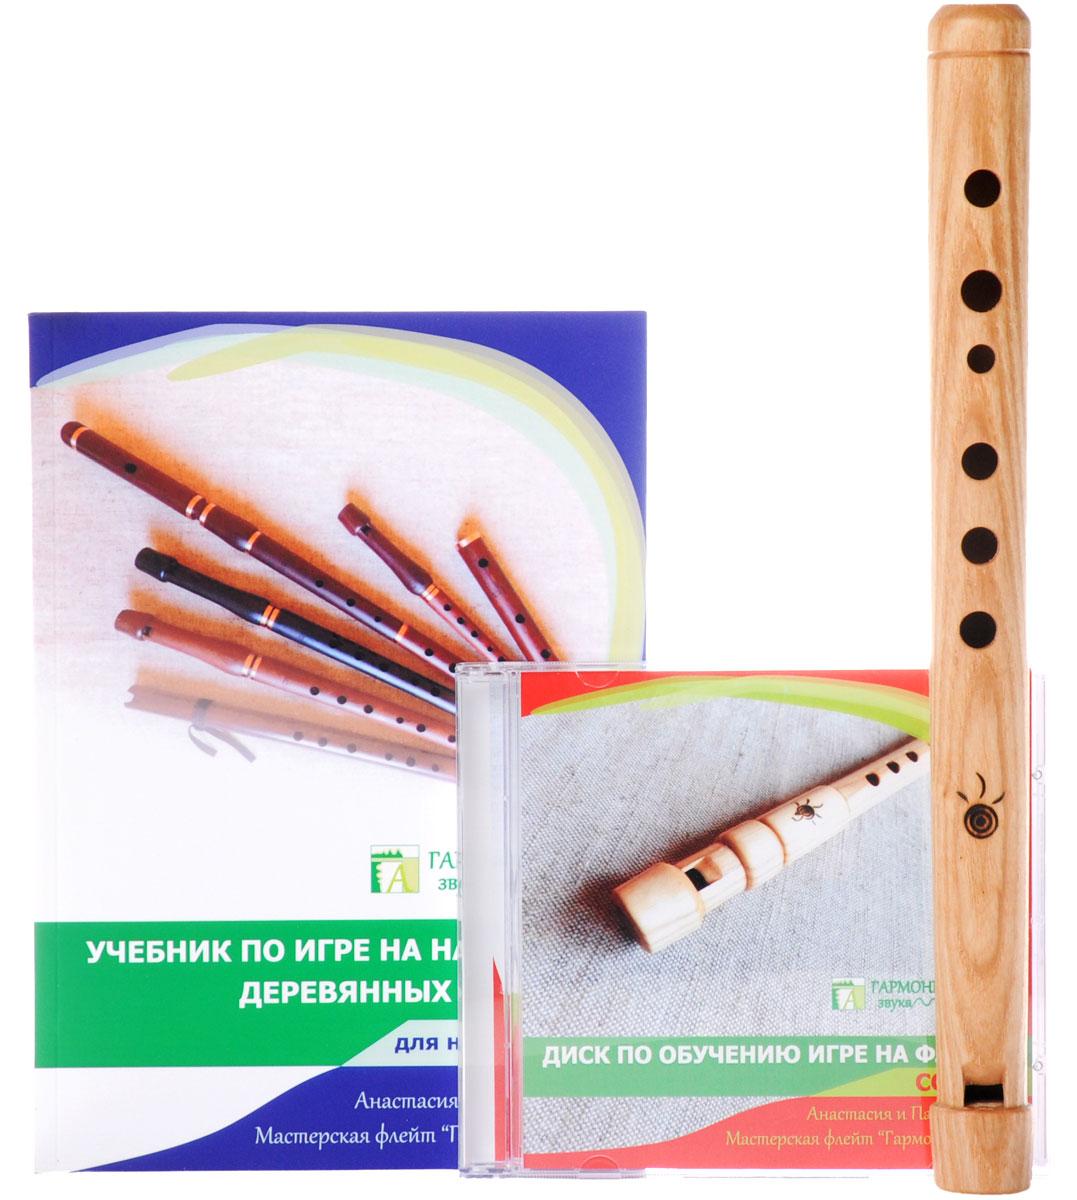 Анастасия и Павел Мирра Учебник по игре на народных деревянных флейтах (+ CD и деревянная флейта) на игре